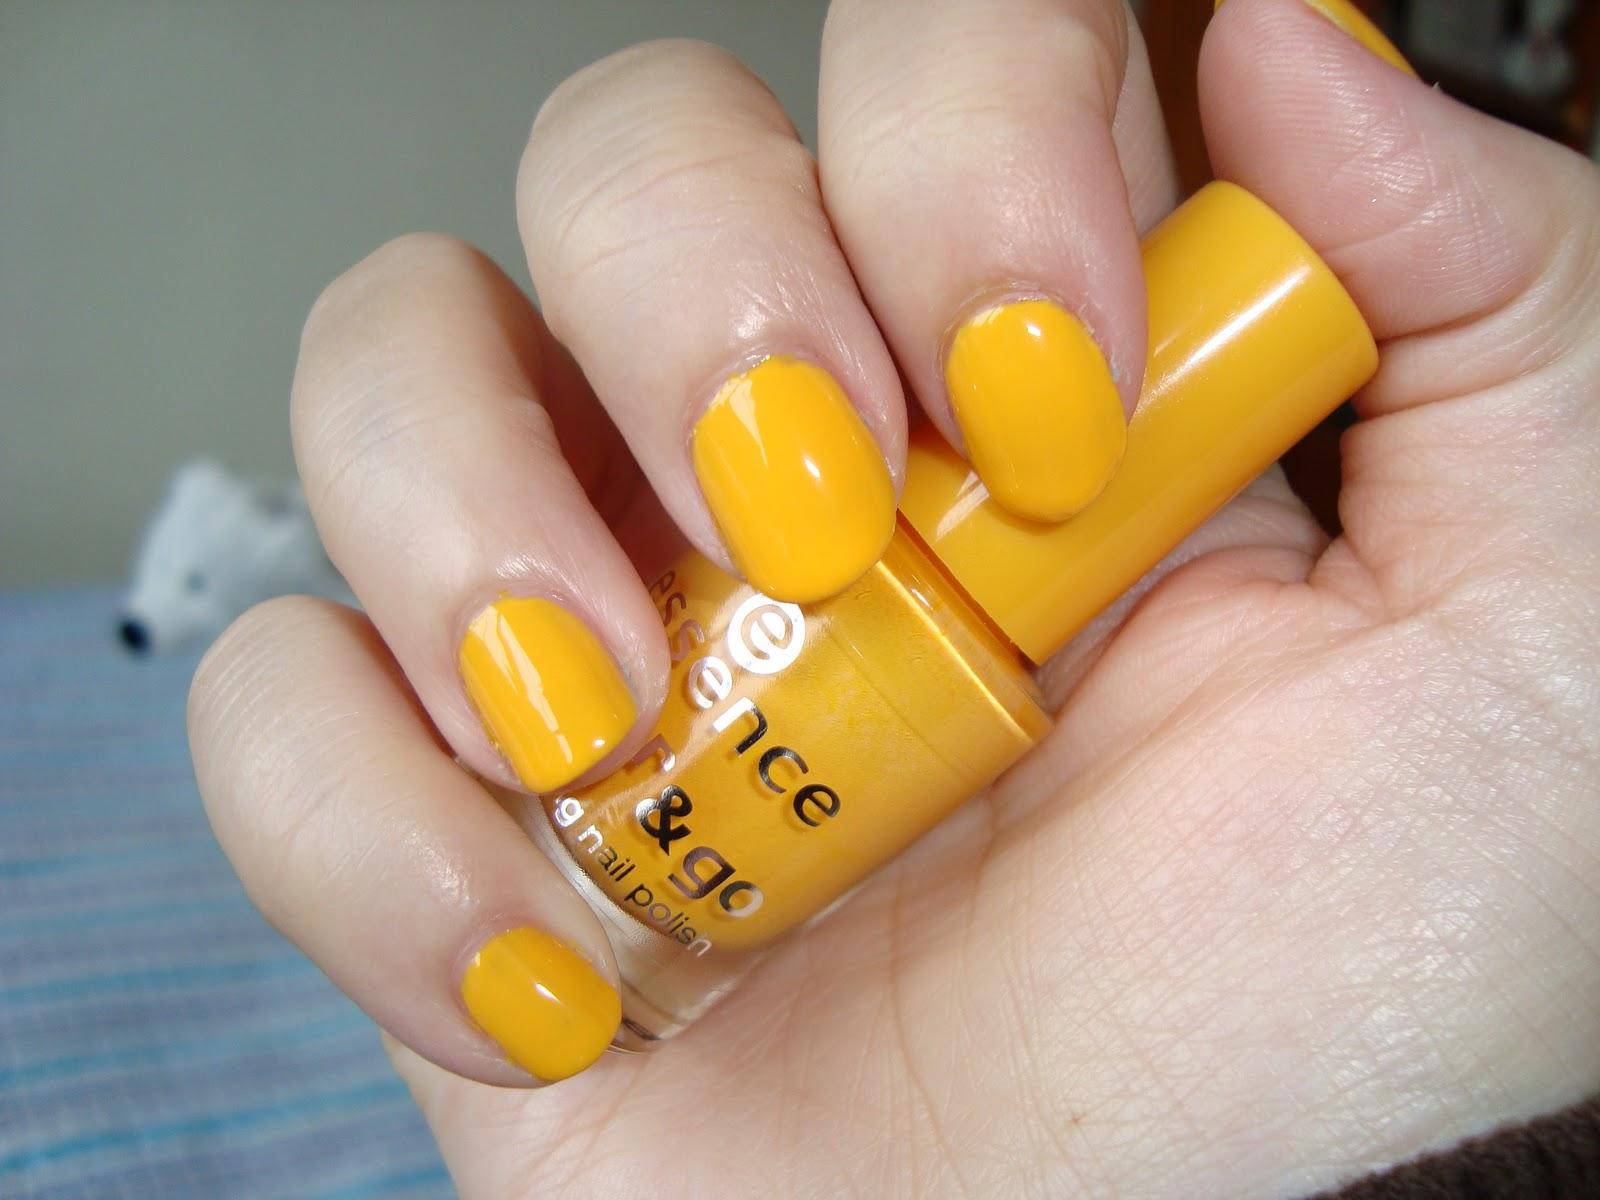 Vilcis nail designs: Desafío 31 días - Día 3 - Uñas amarillas